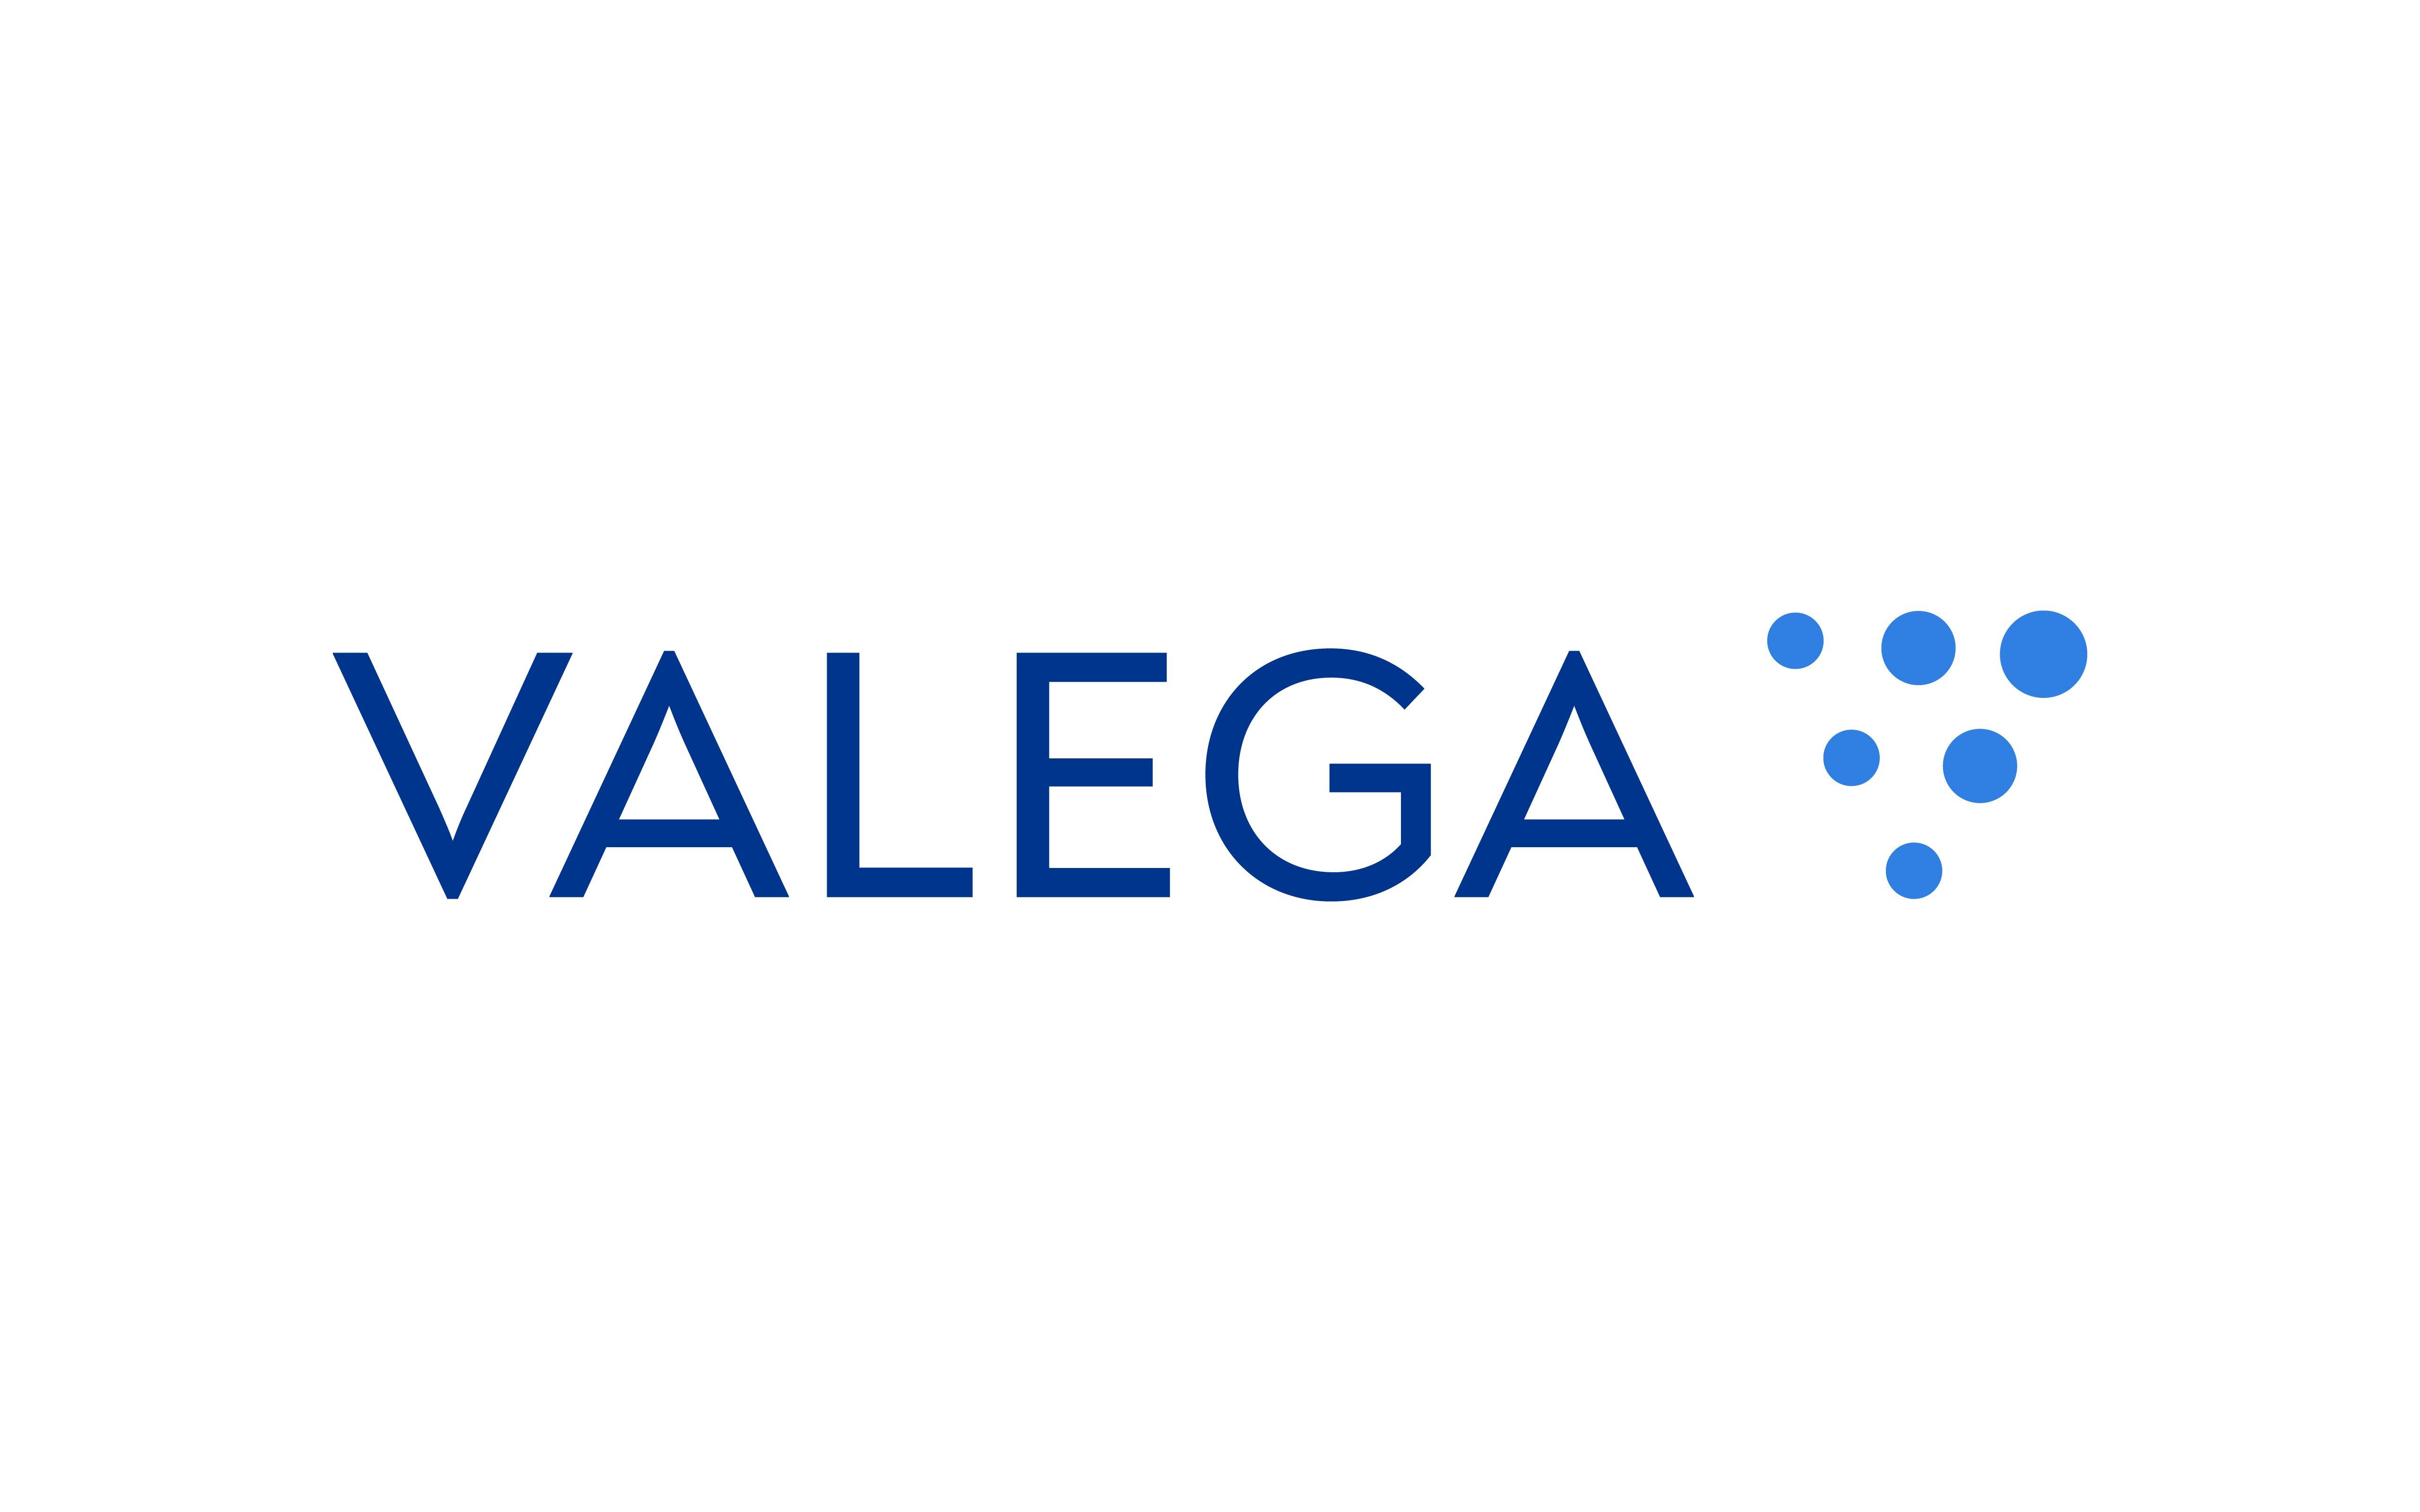 RBG_VALEGA-3